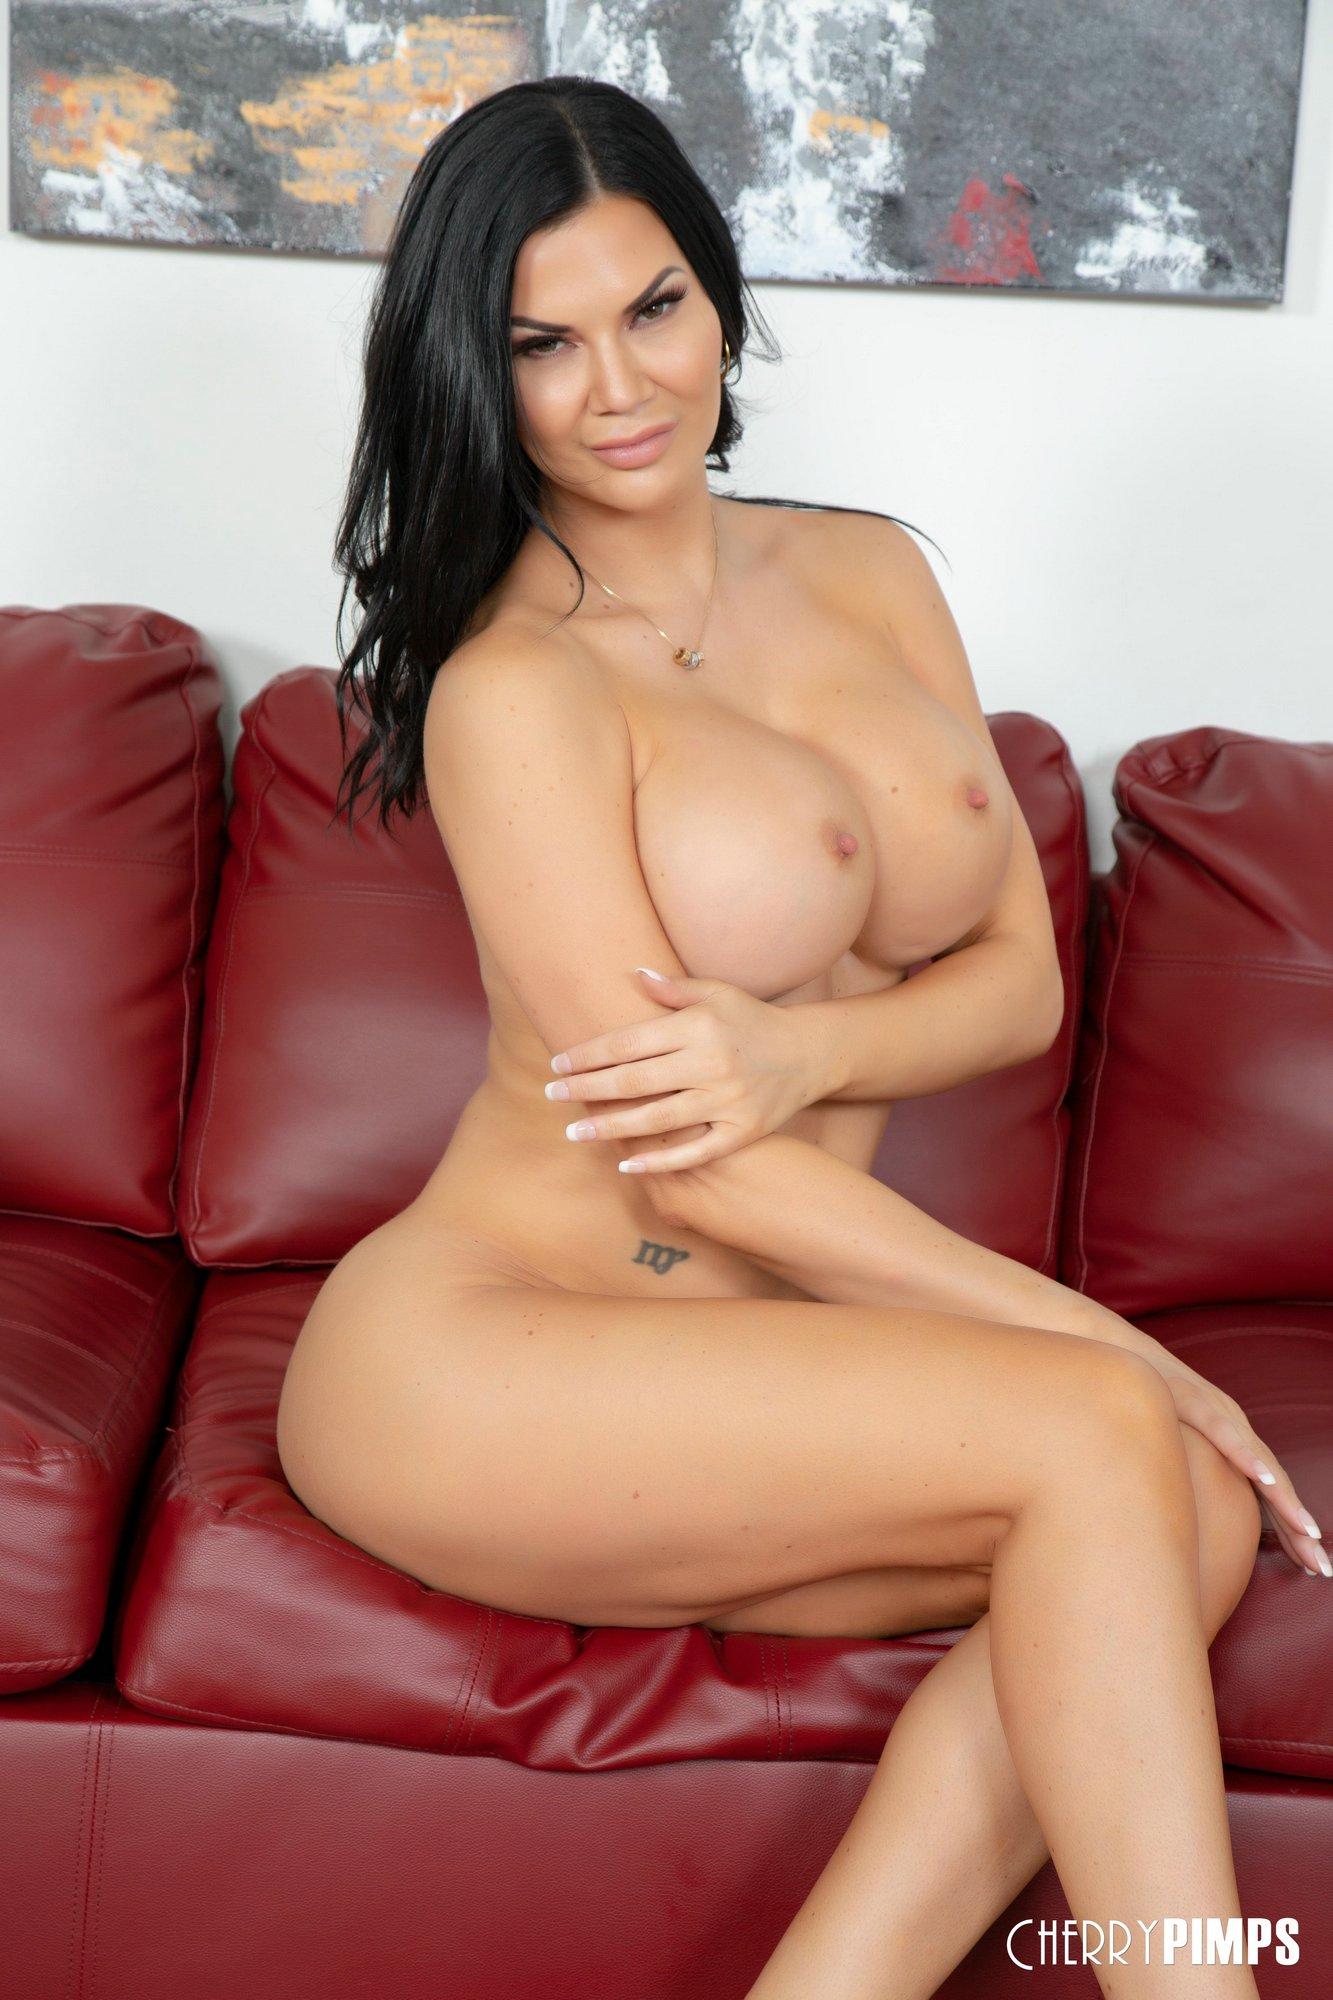 Alicia fox porn picture